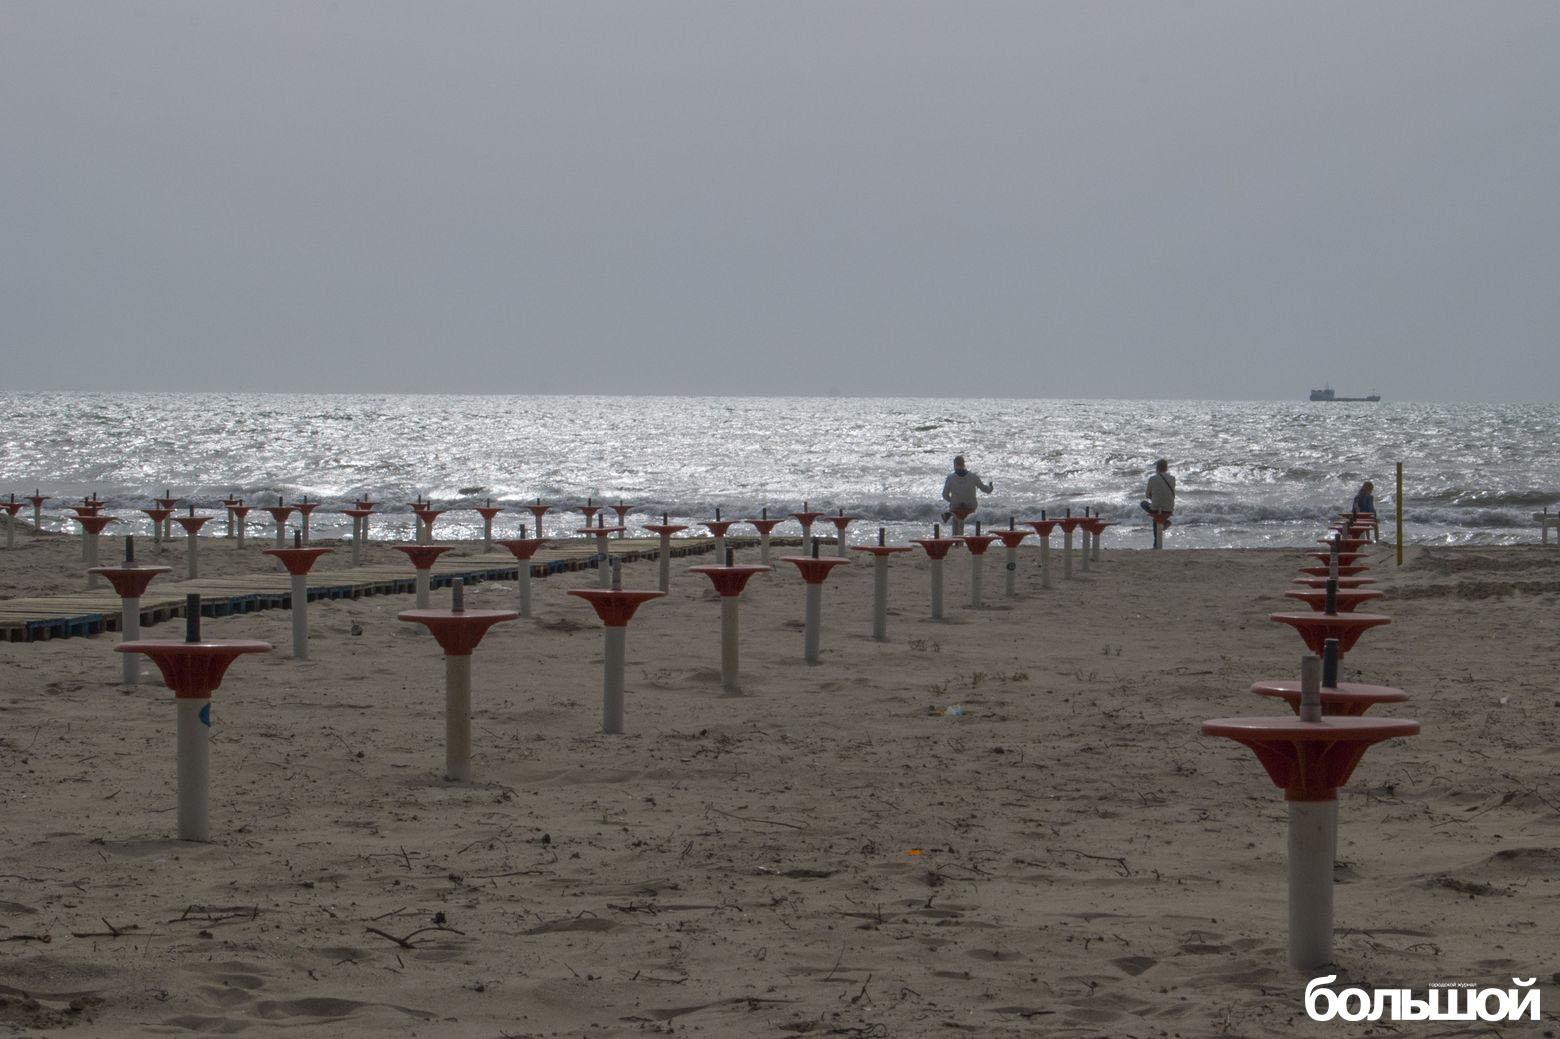 Седушки сухогруз семья и сверкающее море